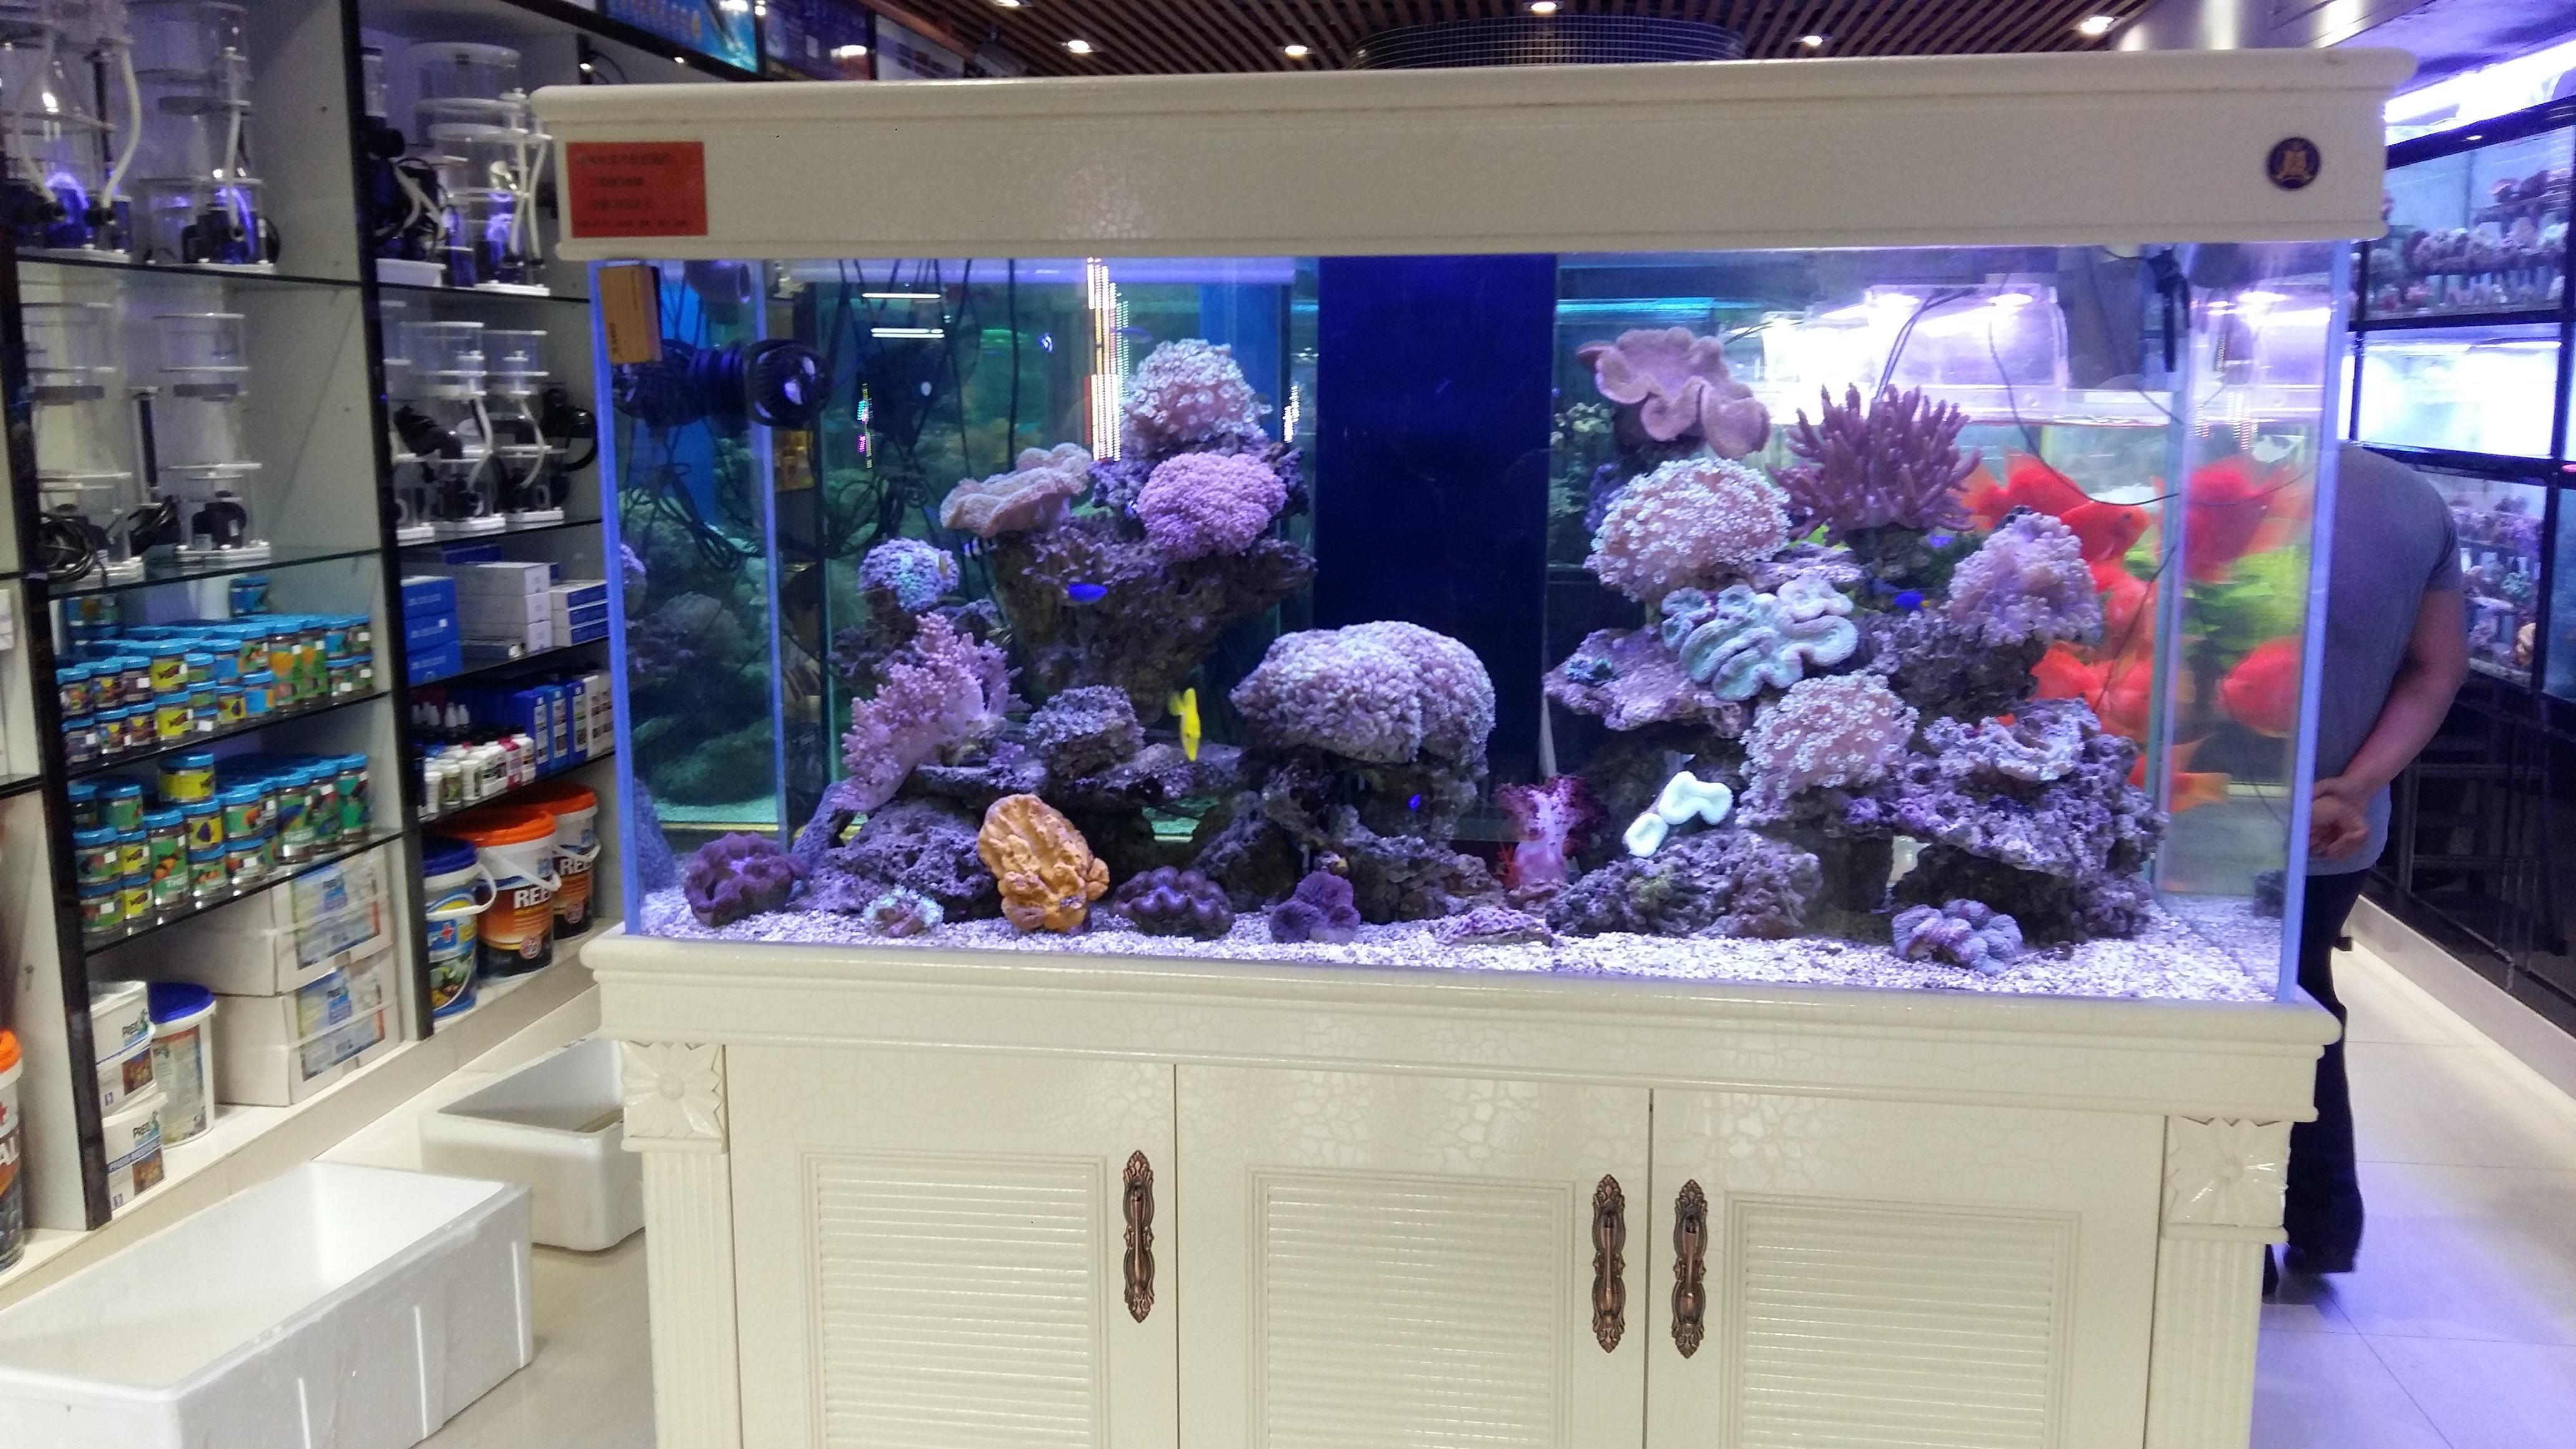 Bể Cá Nhập Khẩu Quận 3 TPHCM - Cá cảnh Sài Gòn - Bán Cá cảnh giá rẻ tại Tân  Bình TPHCM